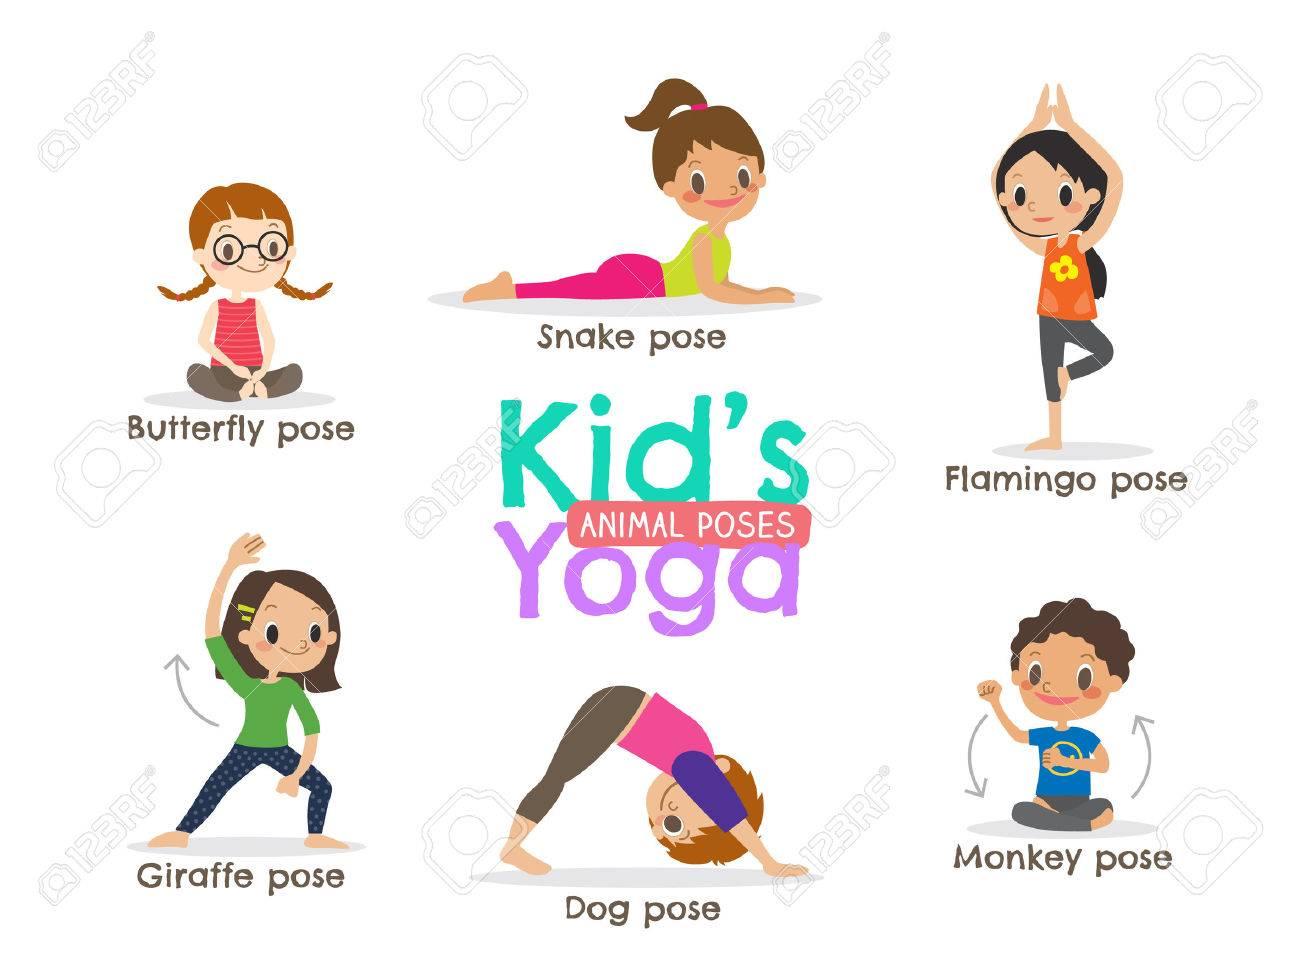 Las Posturas De Yoga Los Ninos De Dibujos Animados Ilustraciones Vectoriales Clip Art Vectorizado Libre De Derechos Image 56408720